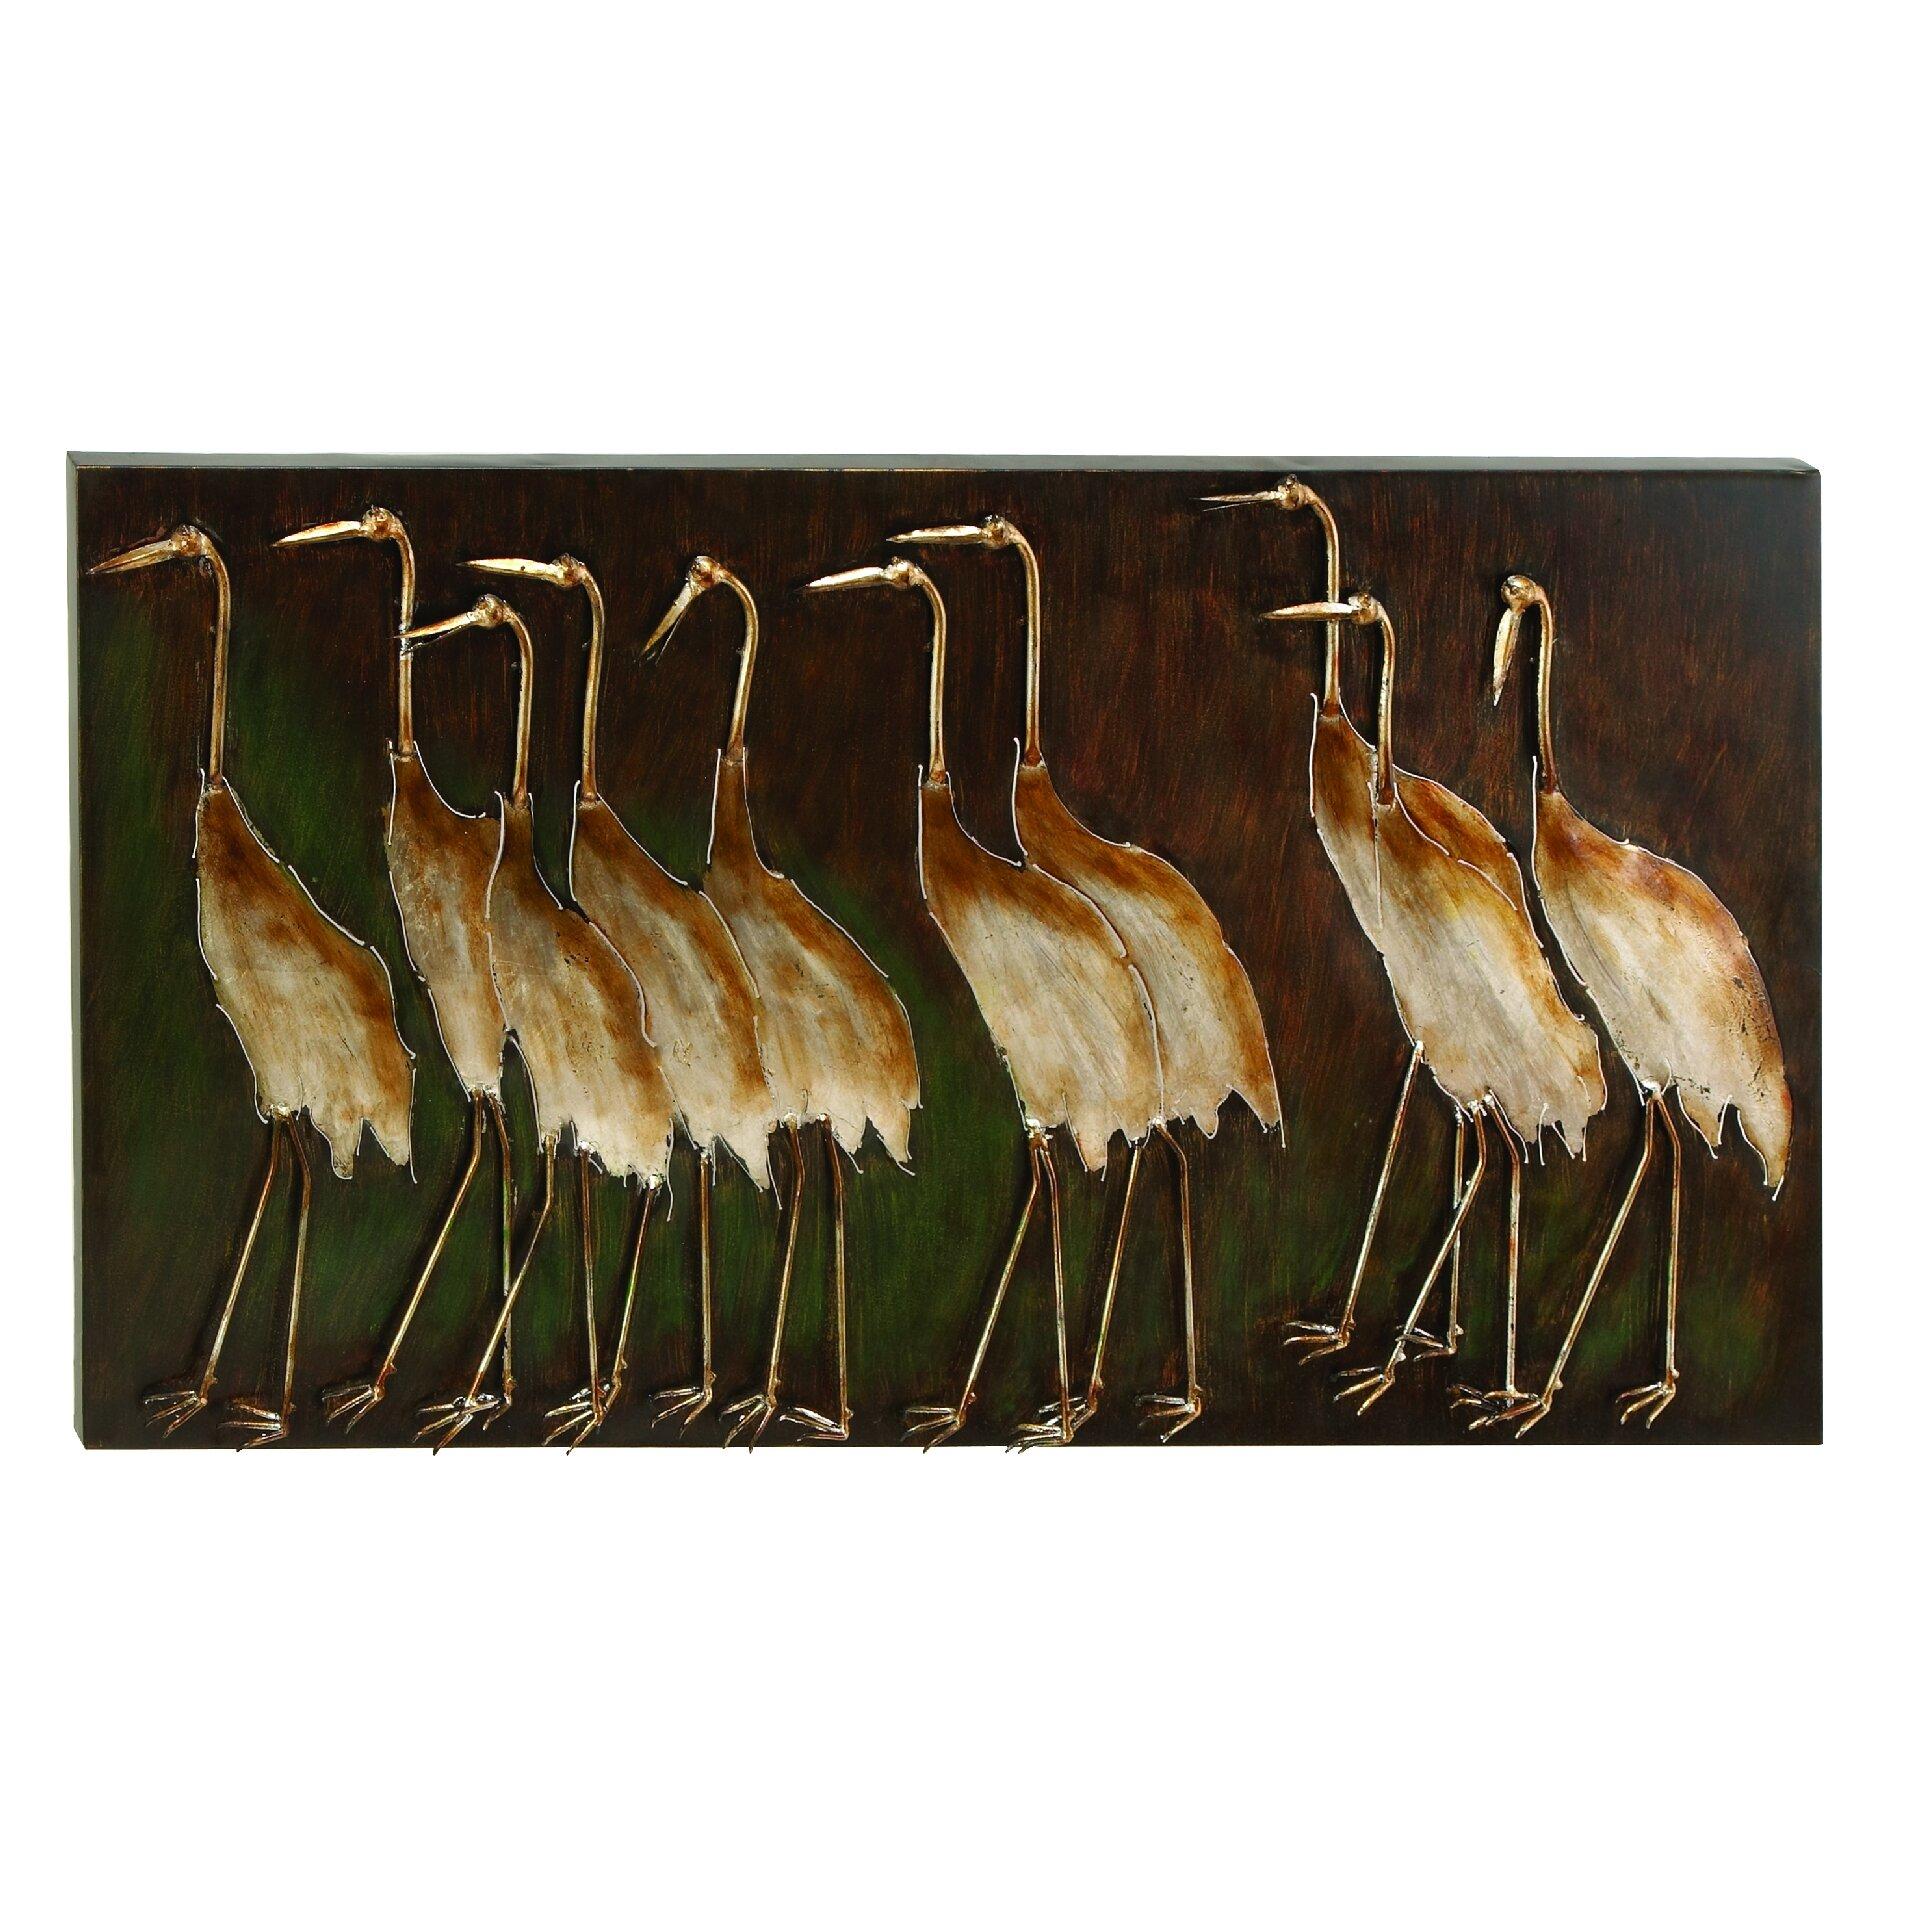 metal bird wall dcor - Bird Wall Decor